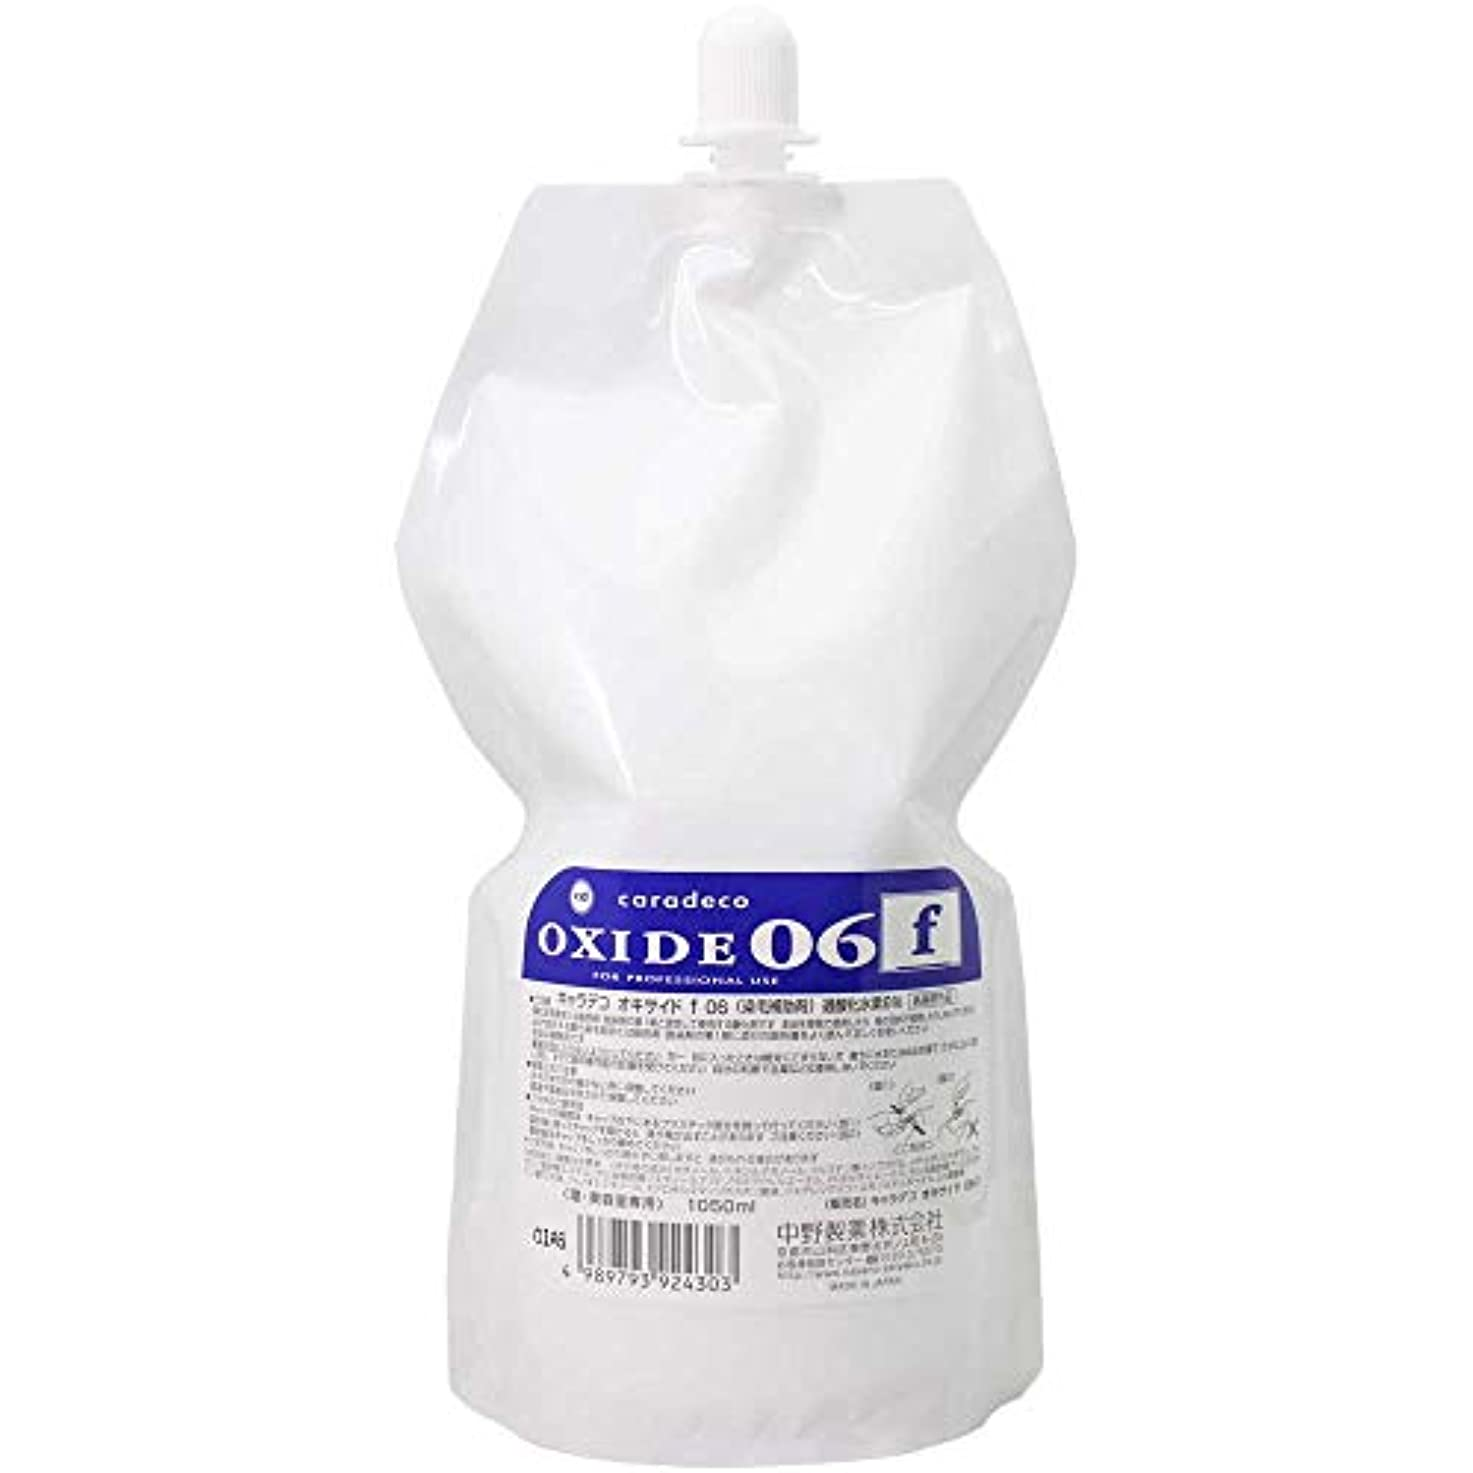 計算乳白色廃止【ナカノ】キャラデコ オキサイドf 06 第2剤 (過酸化水素6%) 1050ml